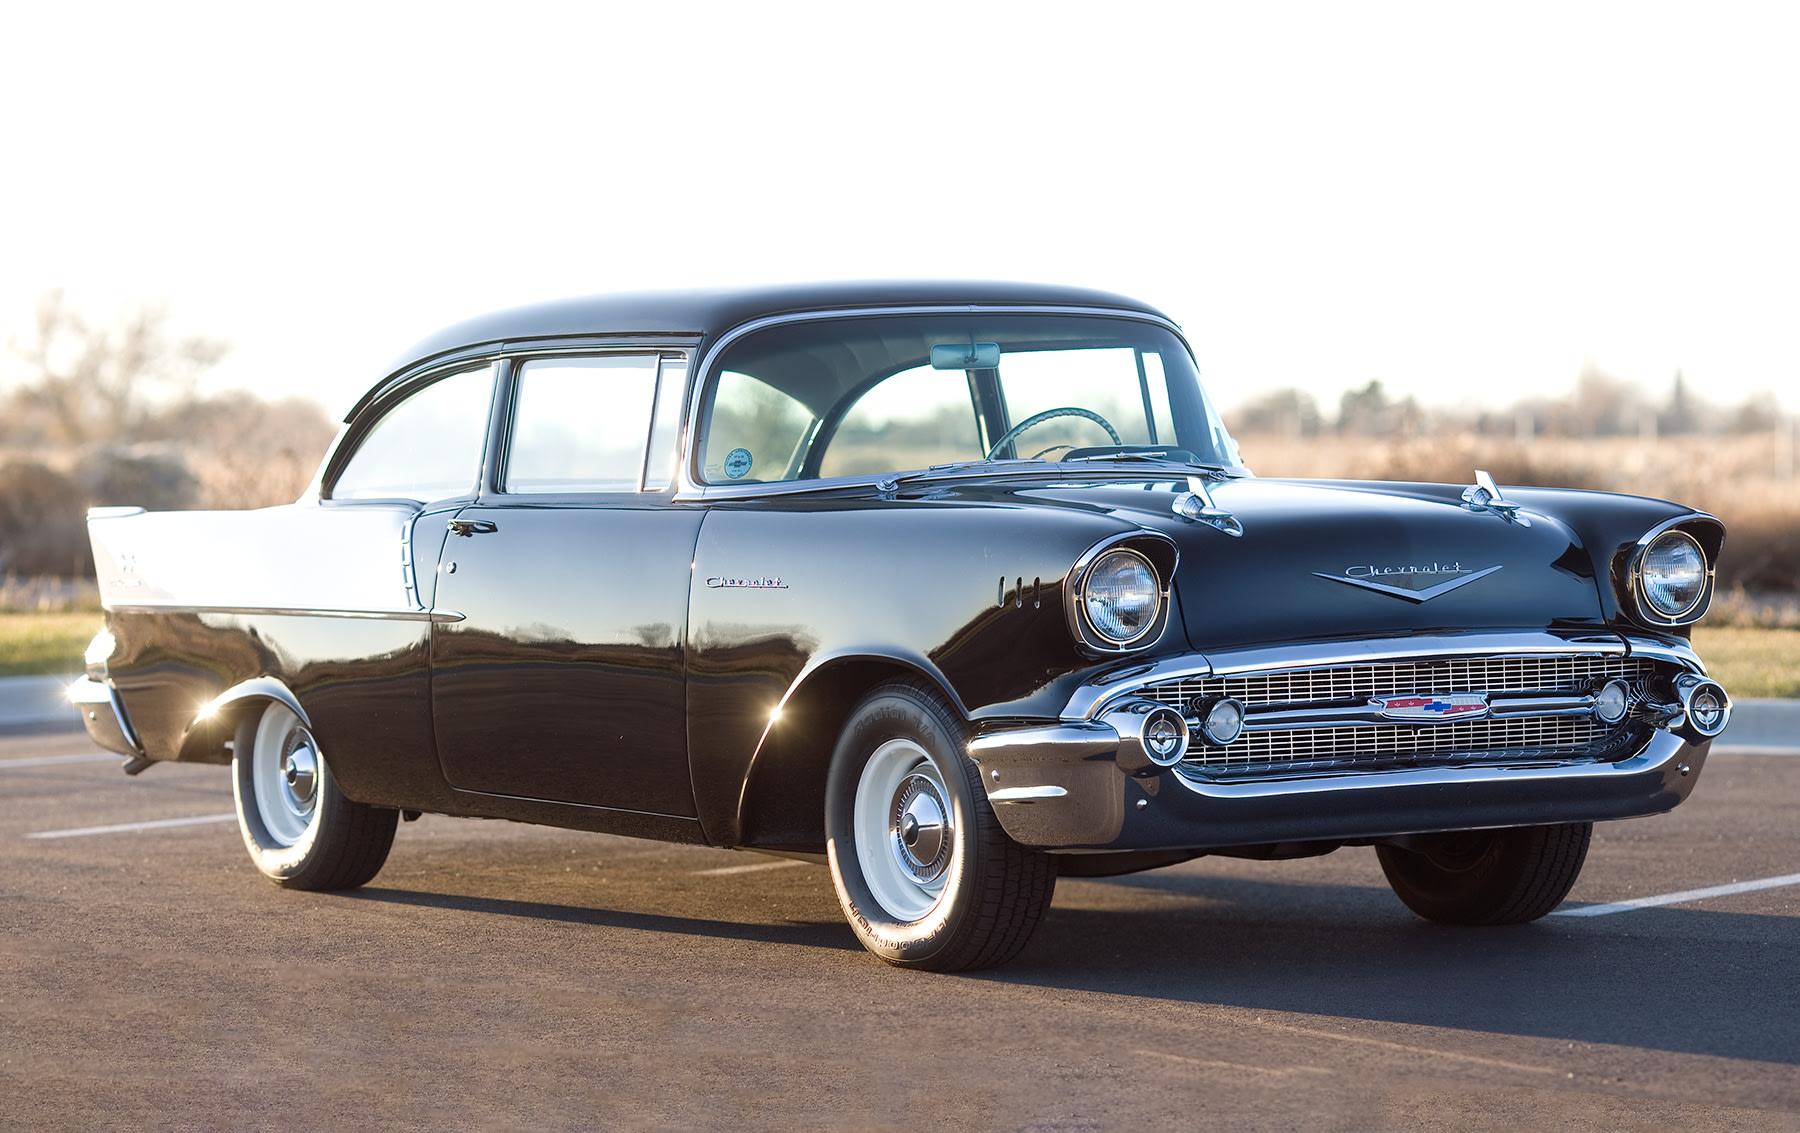 1957 Chevrolet 150 Two-Door Sedan